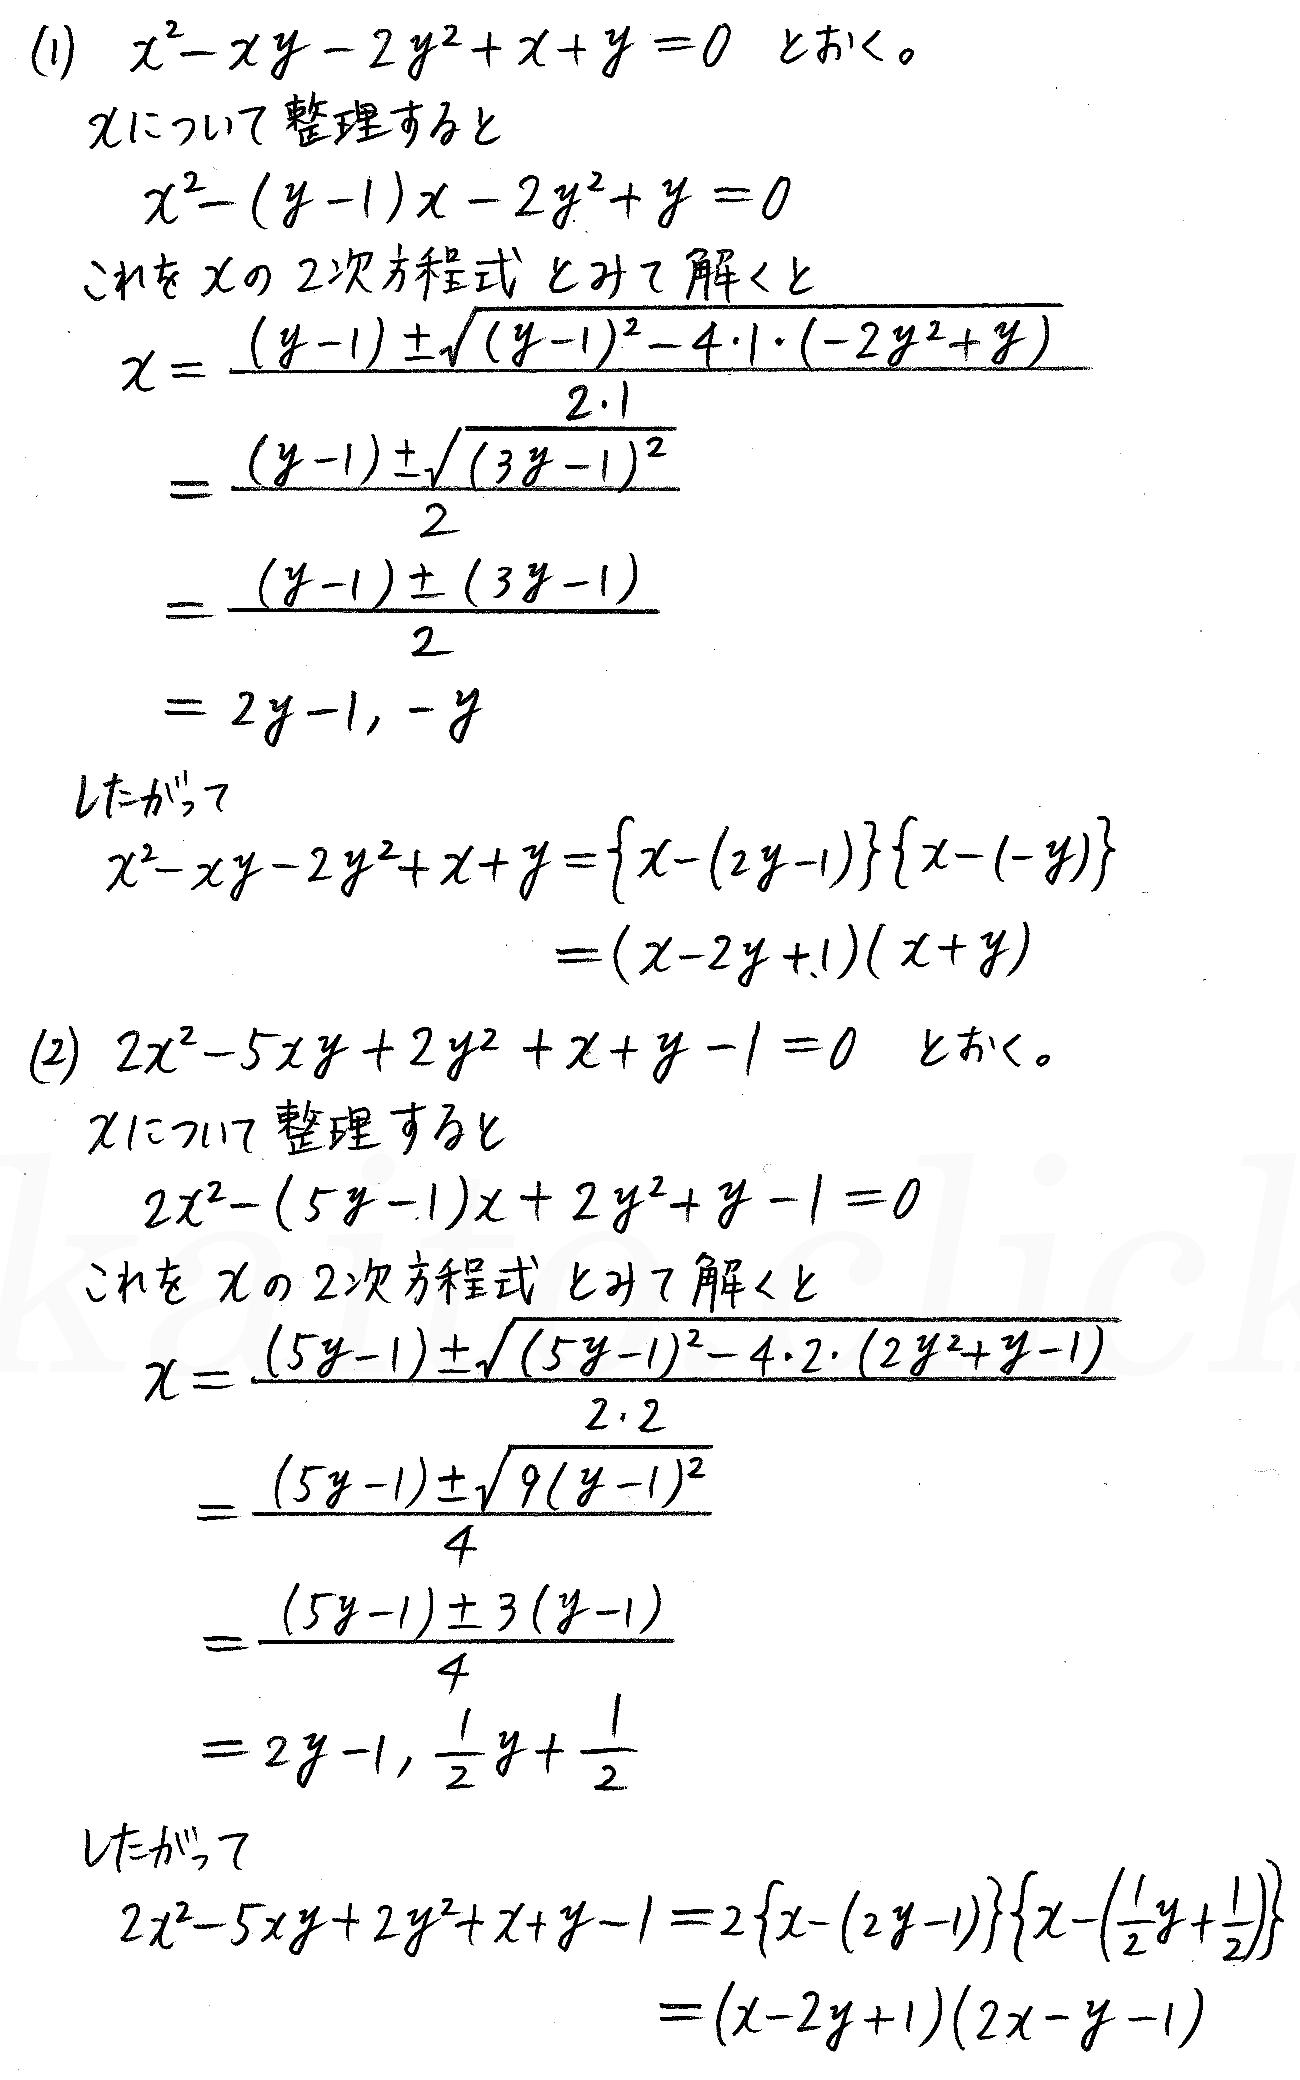 改訂版4プロセス数学2-104解答